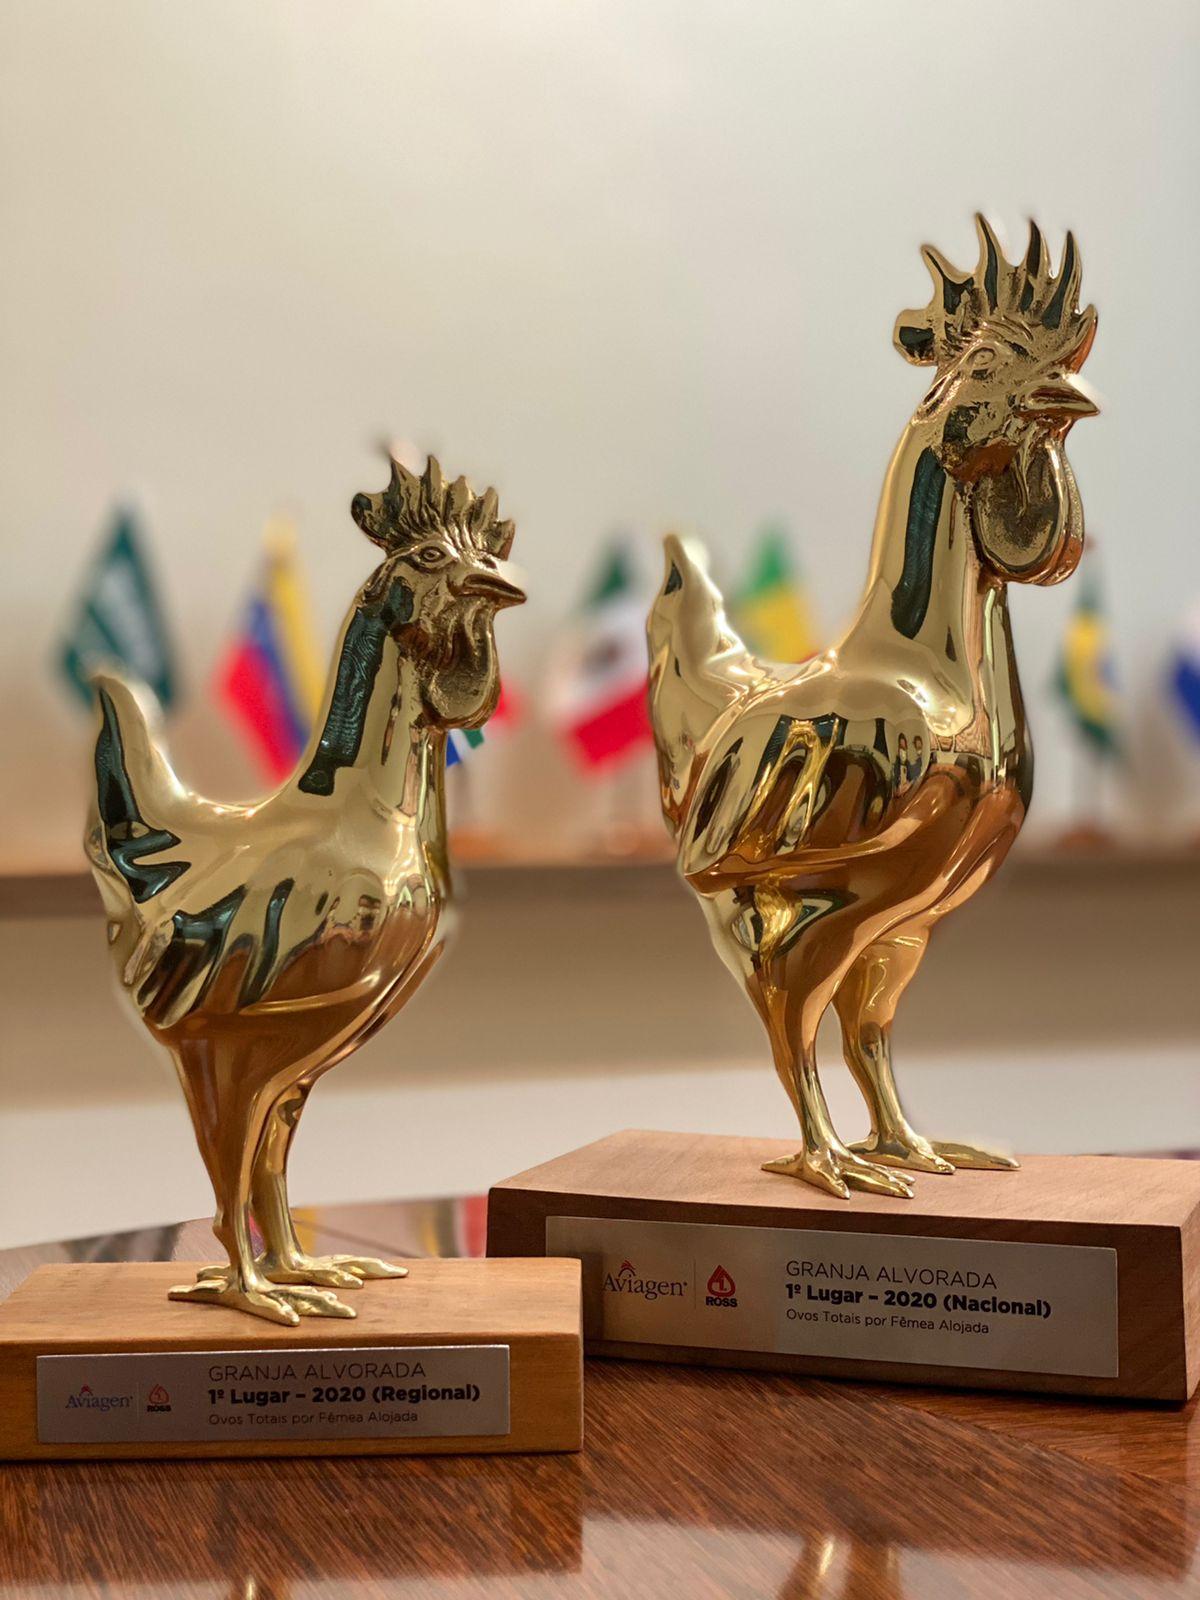 Grupo Alvorada conquista o prêmio de melhor lote da Aviagen com o ROSS 308 AP, na categoria ovos totais por ave alojada